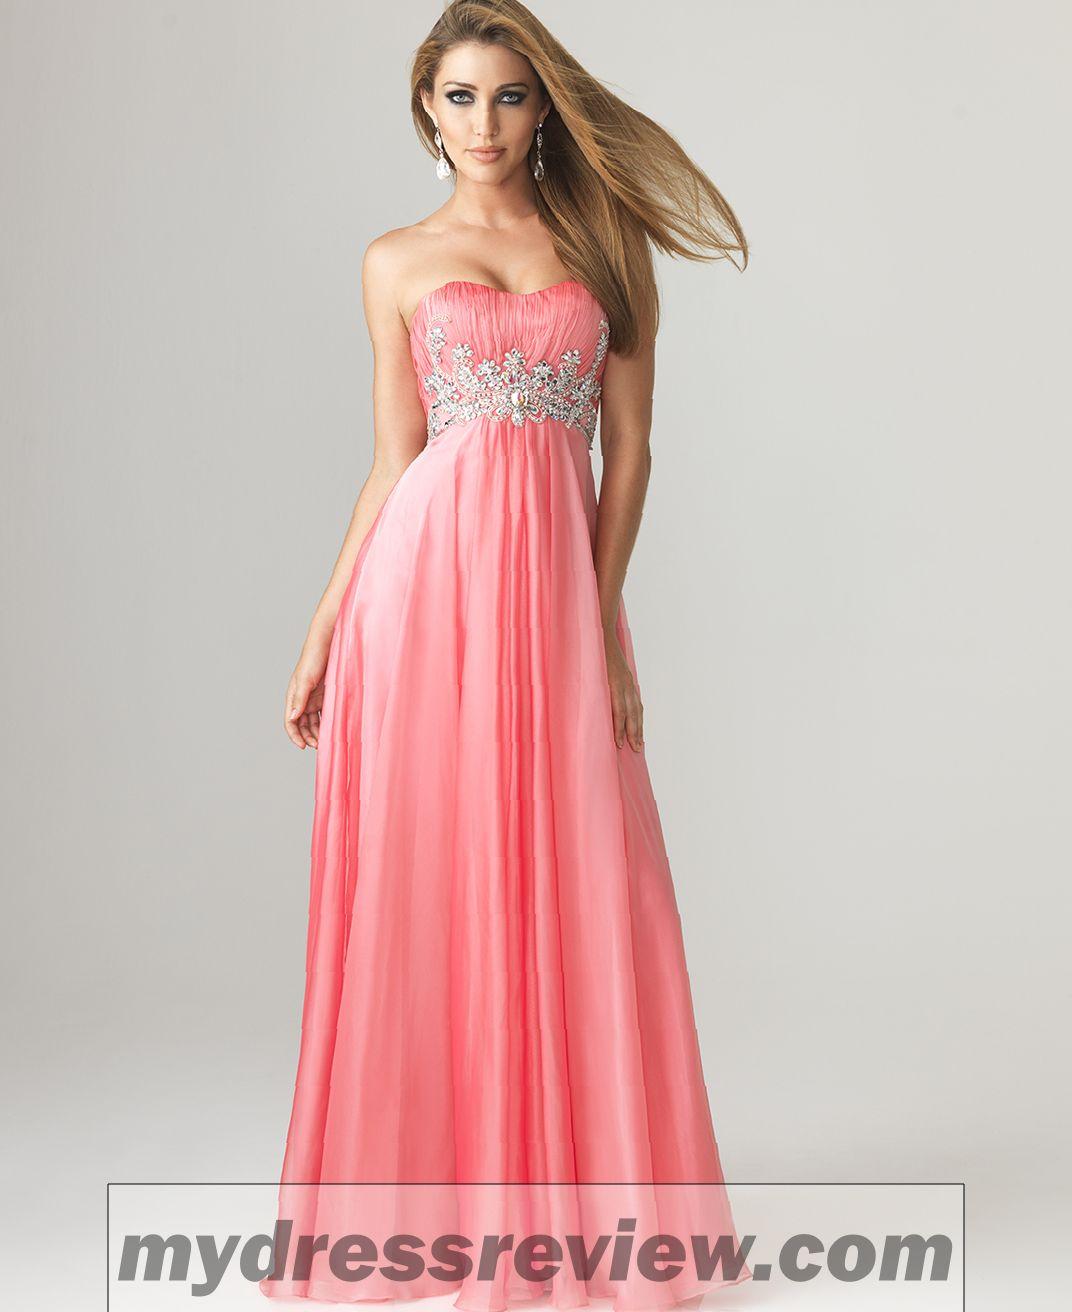 7bd5321654f6 Best Dress Style For Short Girl